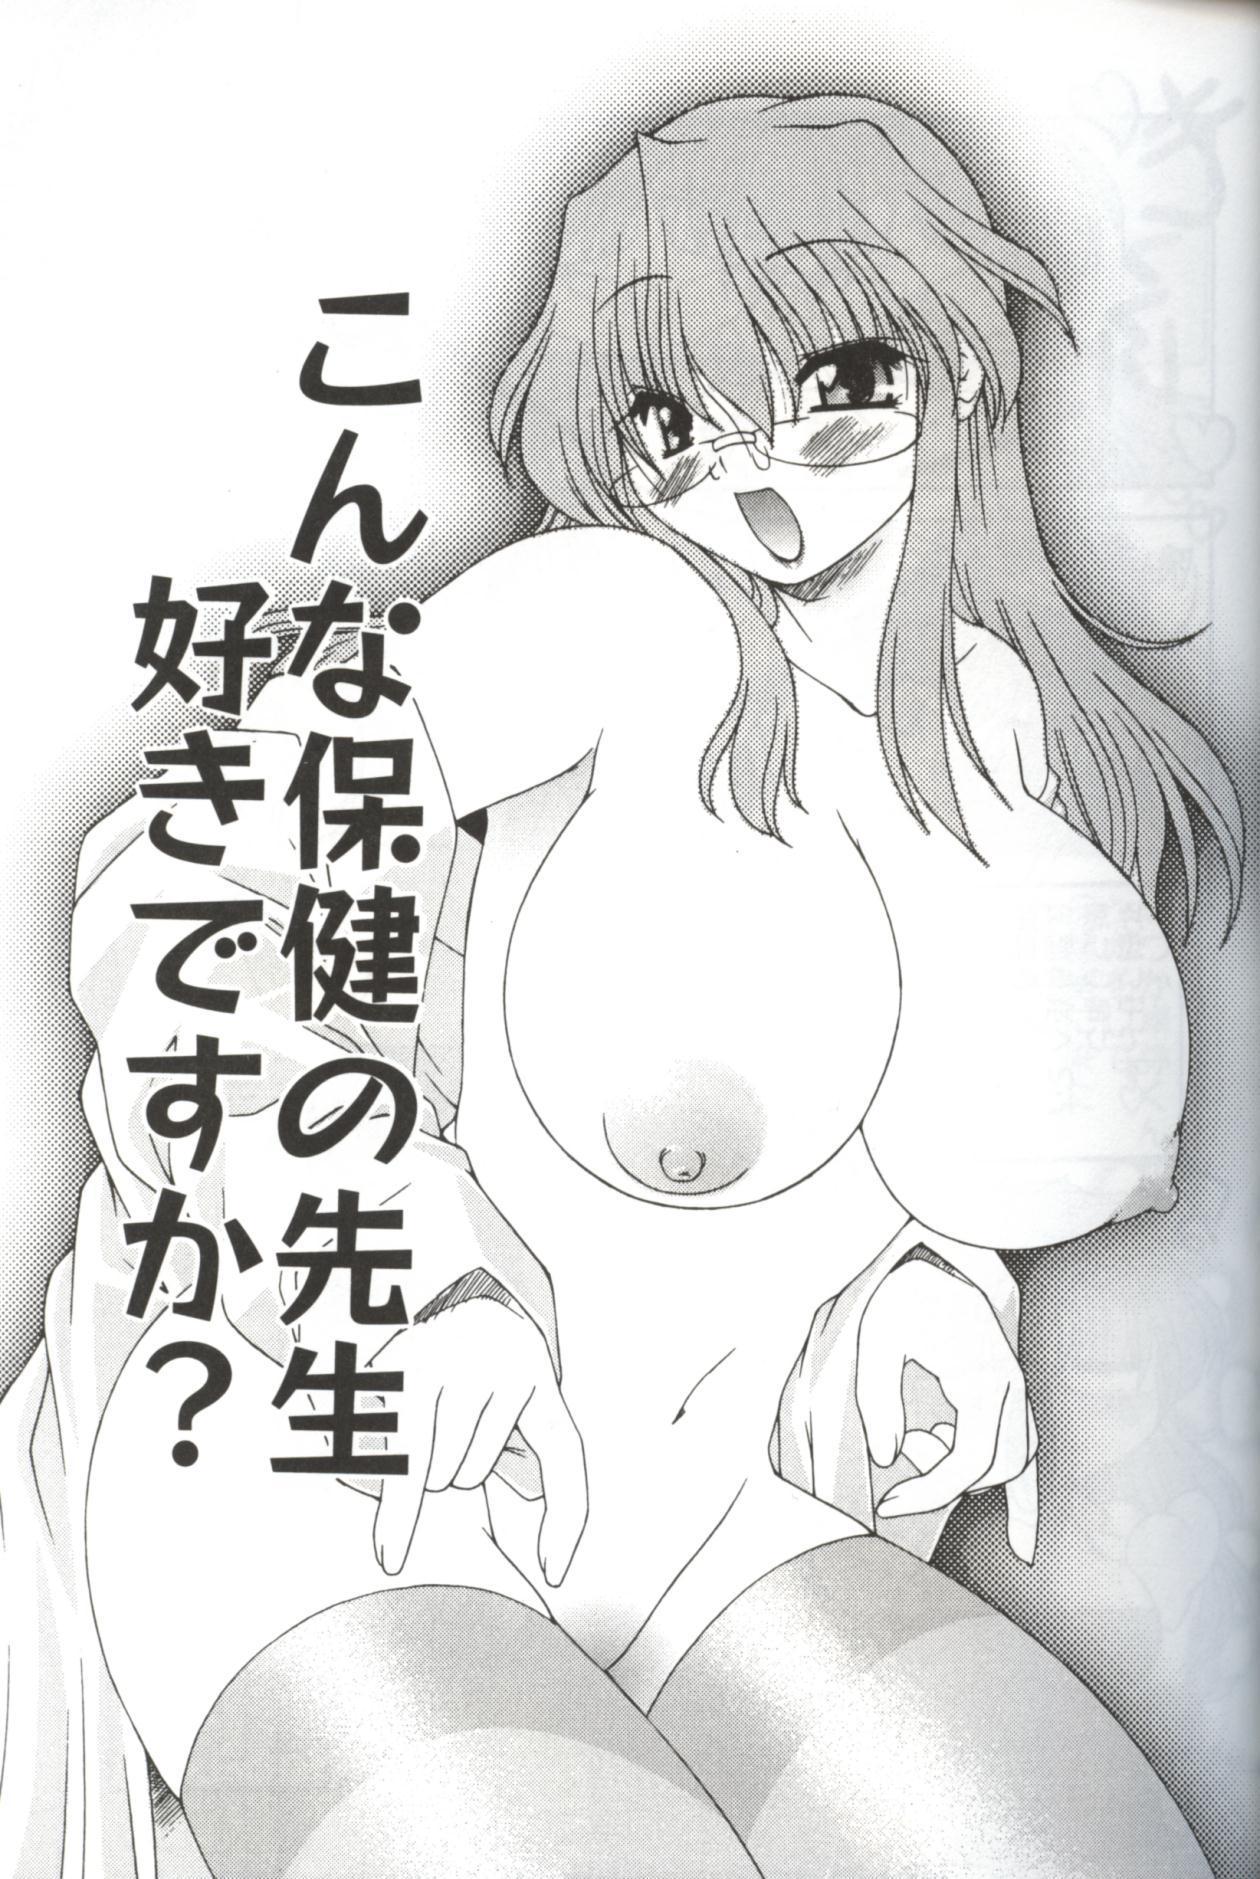 Hatsujou ♡ Oneesama 20